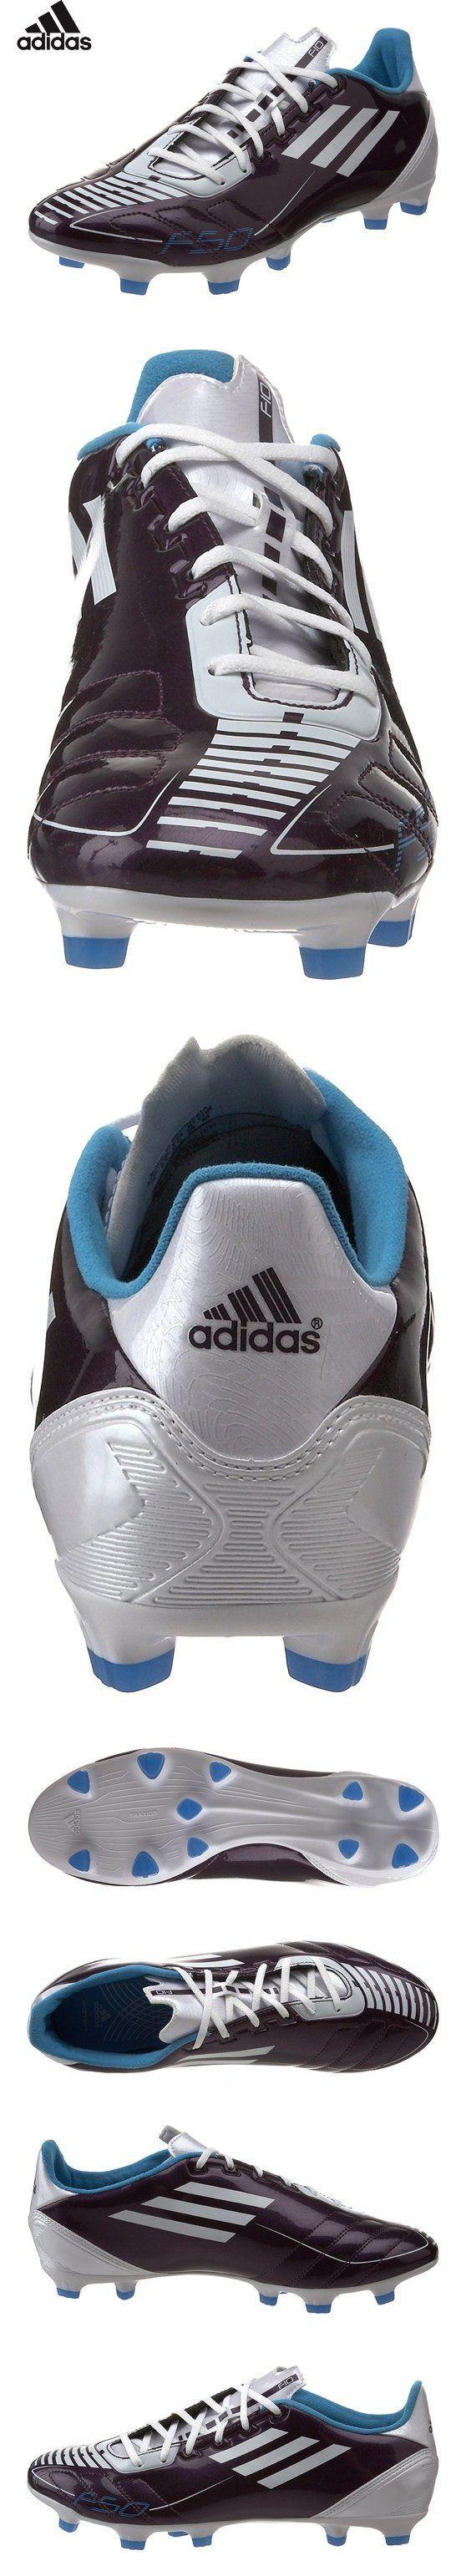 $40 - adidas Women's F10 TRX FG Soccer Shoe,Running White/Black/Slime,5 M US